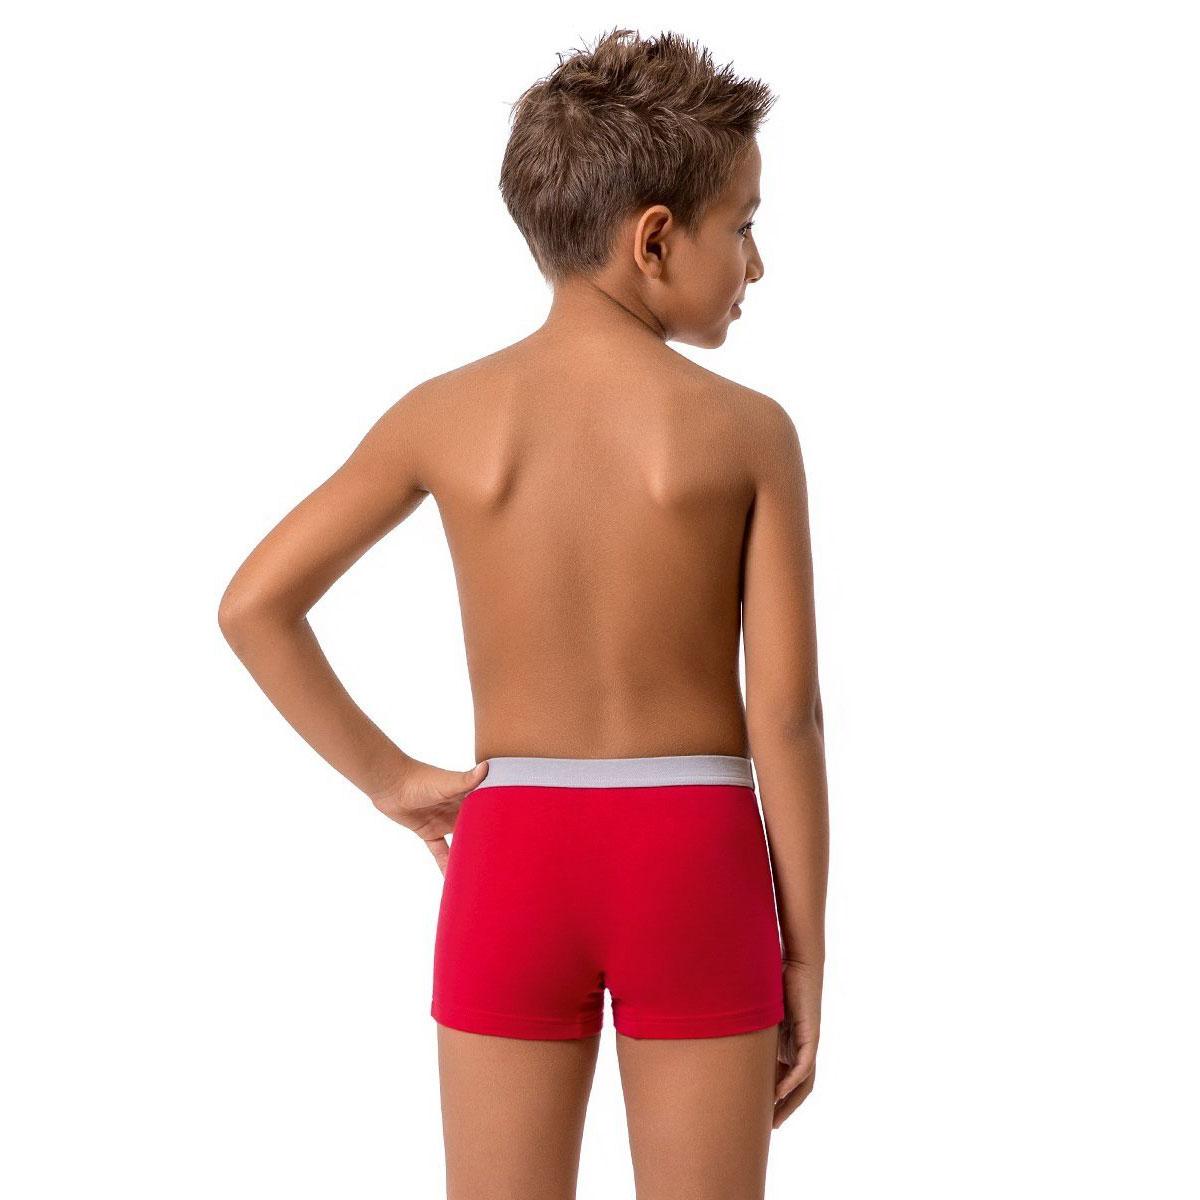 Трусы-боксеры для мальчиков Nirey Нирей цвет бордовый (принт) размер 92-98 см